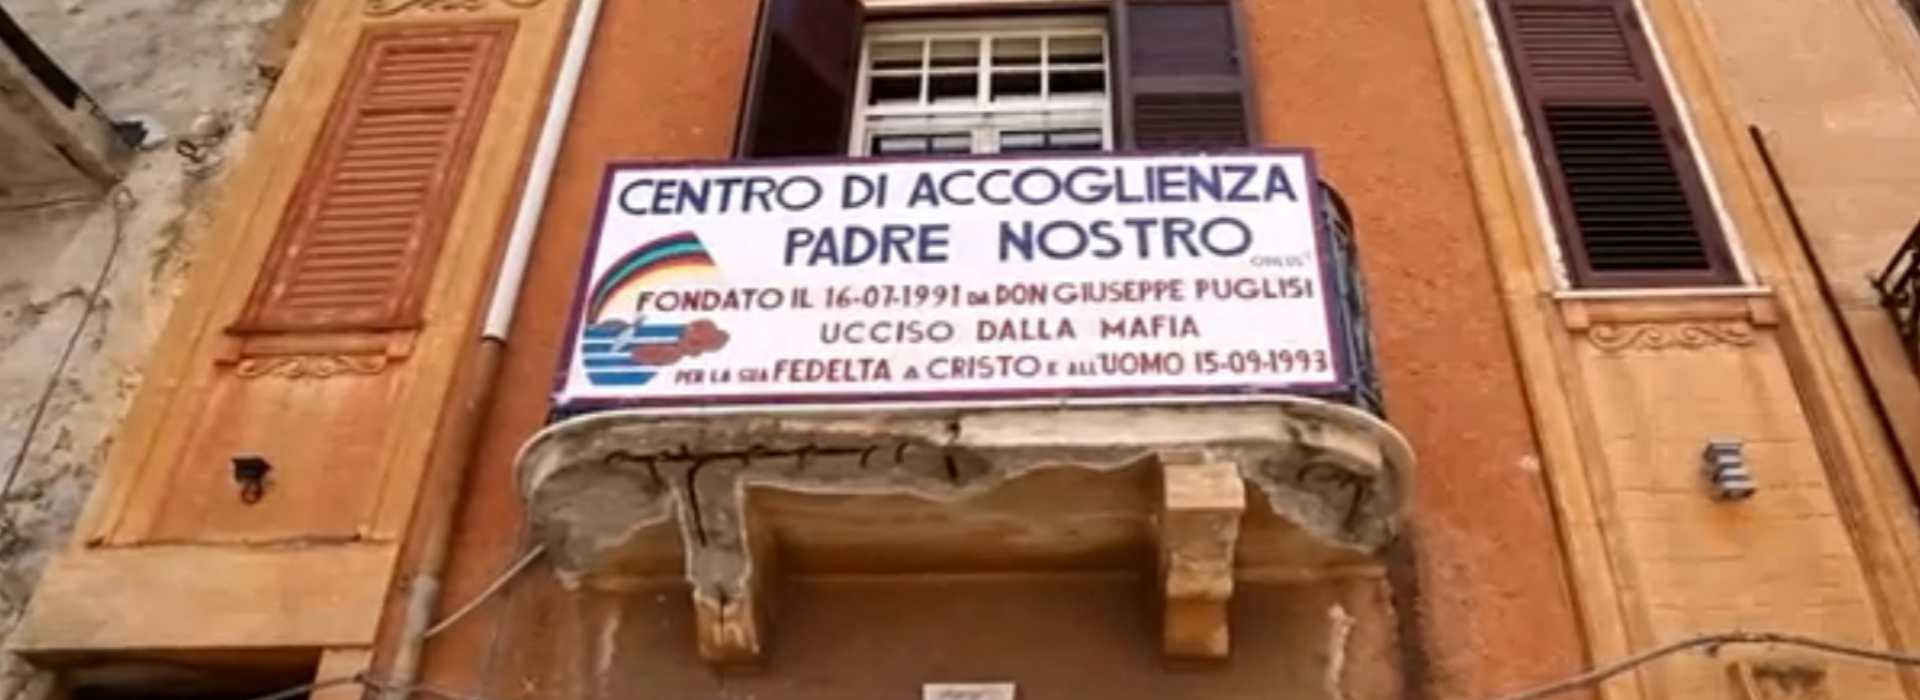 Palermo: la bomba sociale post covid dei quartieri popolari